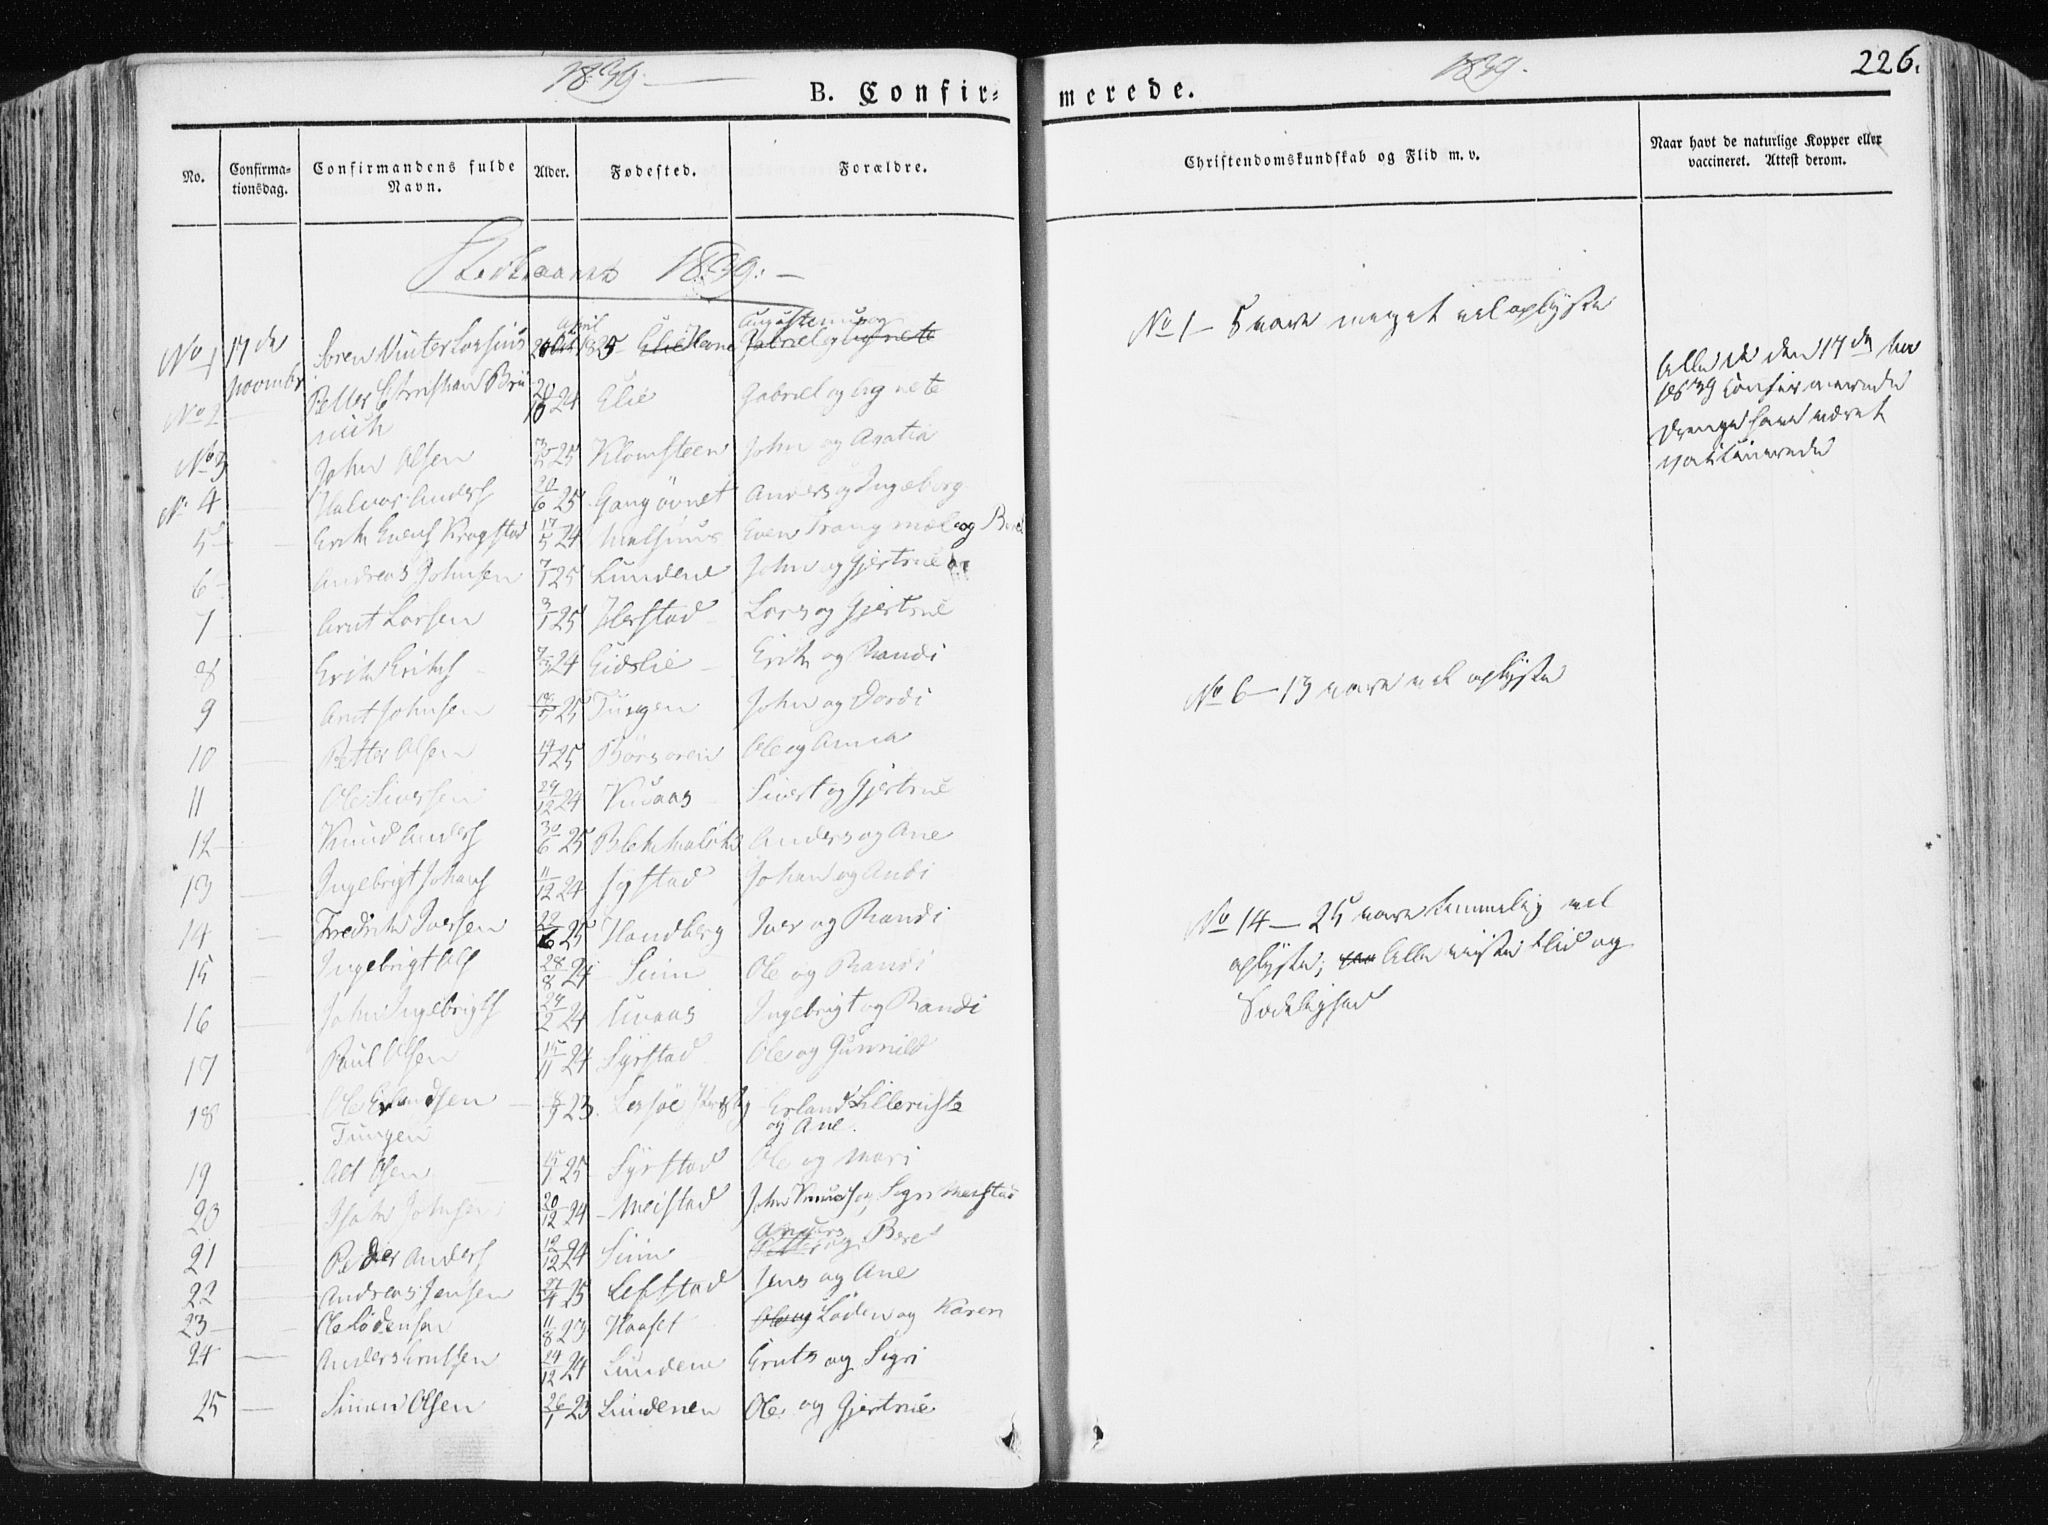 SAT, Ministerialprotokoller, klokkerbøker og fødselsregistre - Sør-Trøndelag, 665/L0771: Ministerialbok nr. 665A06, 1830-1856, s. 226